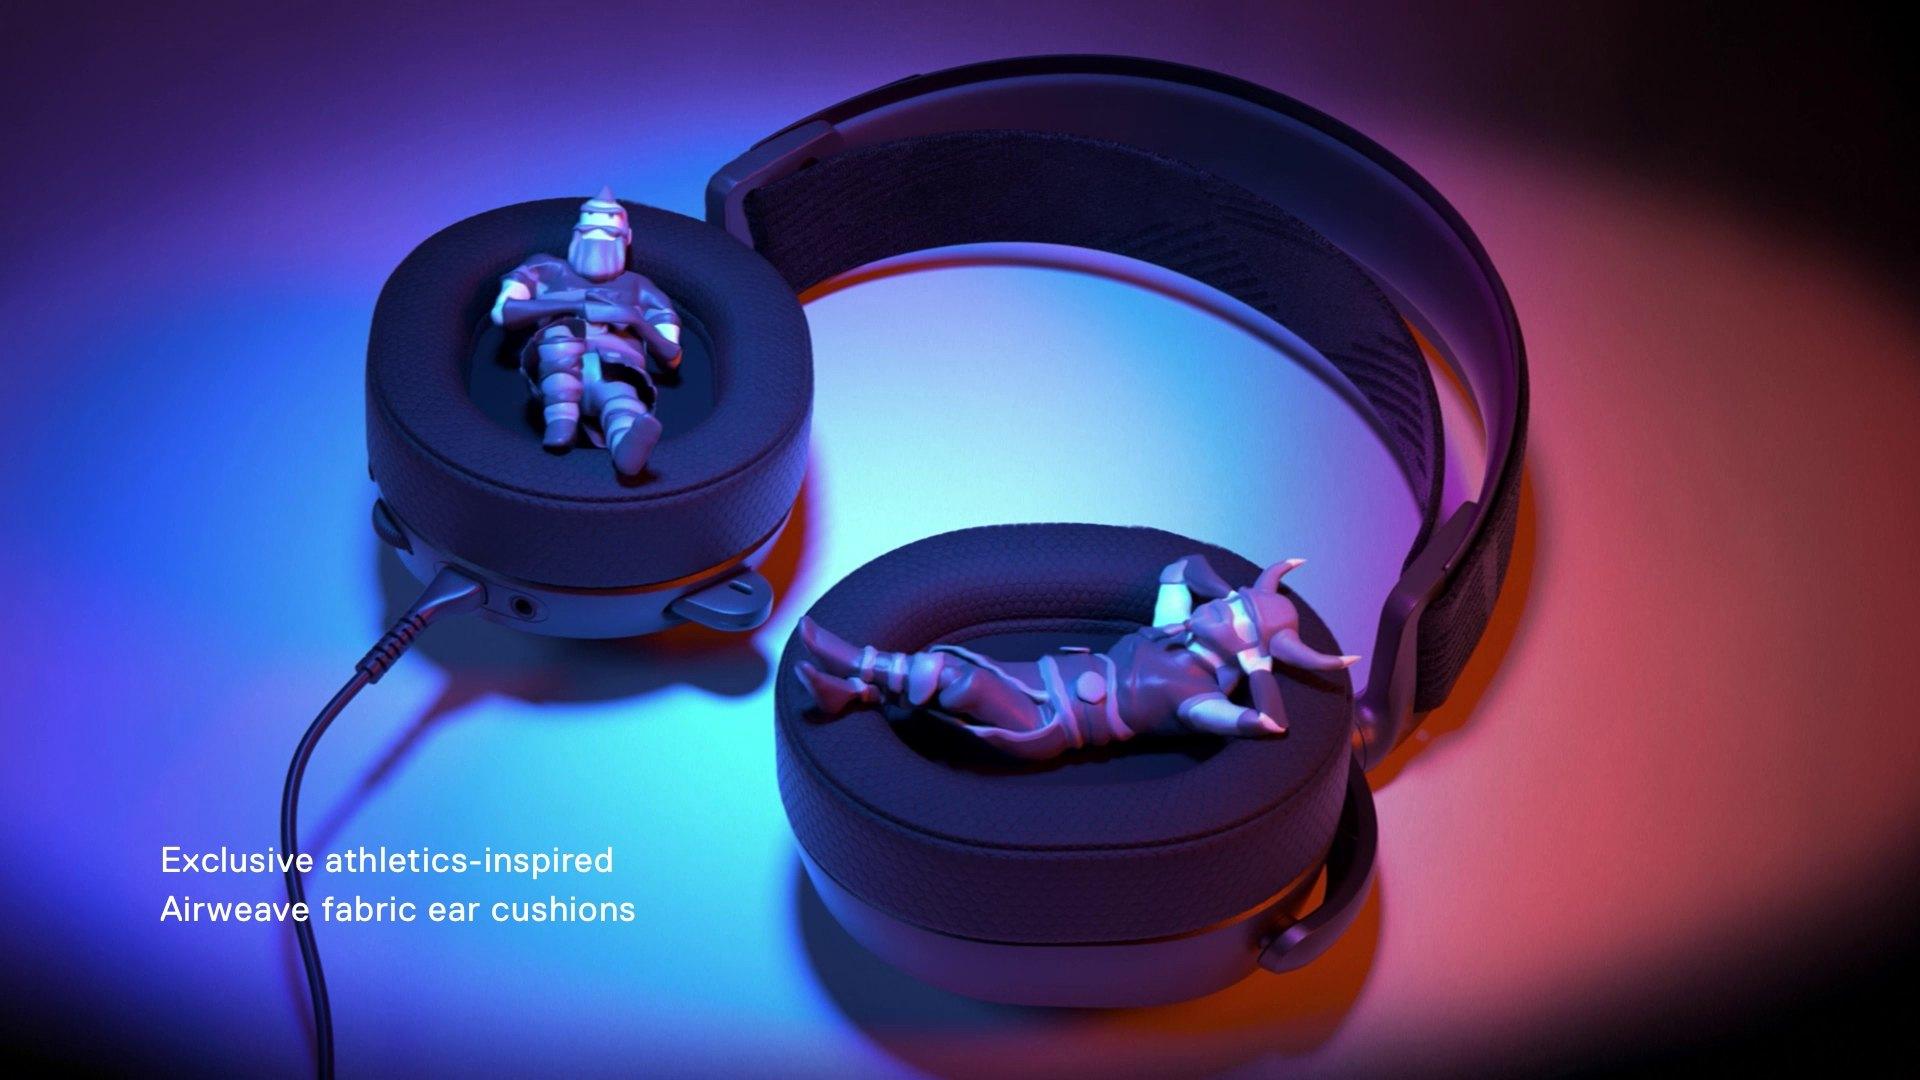 帶小雕像的 Arctis 耳罩舒適地躺在內部